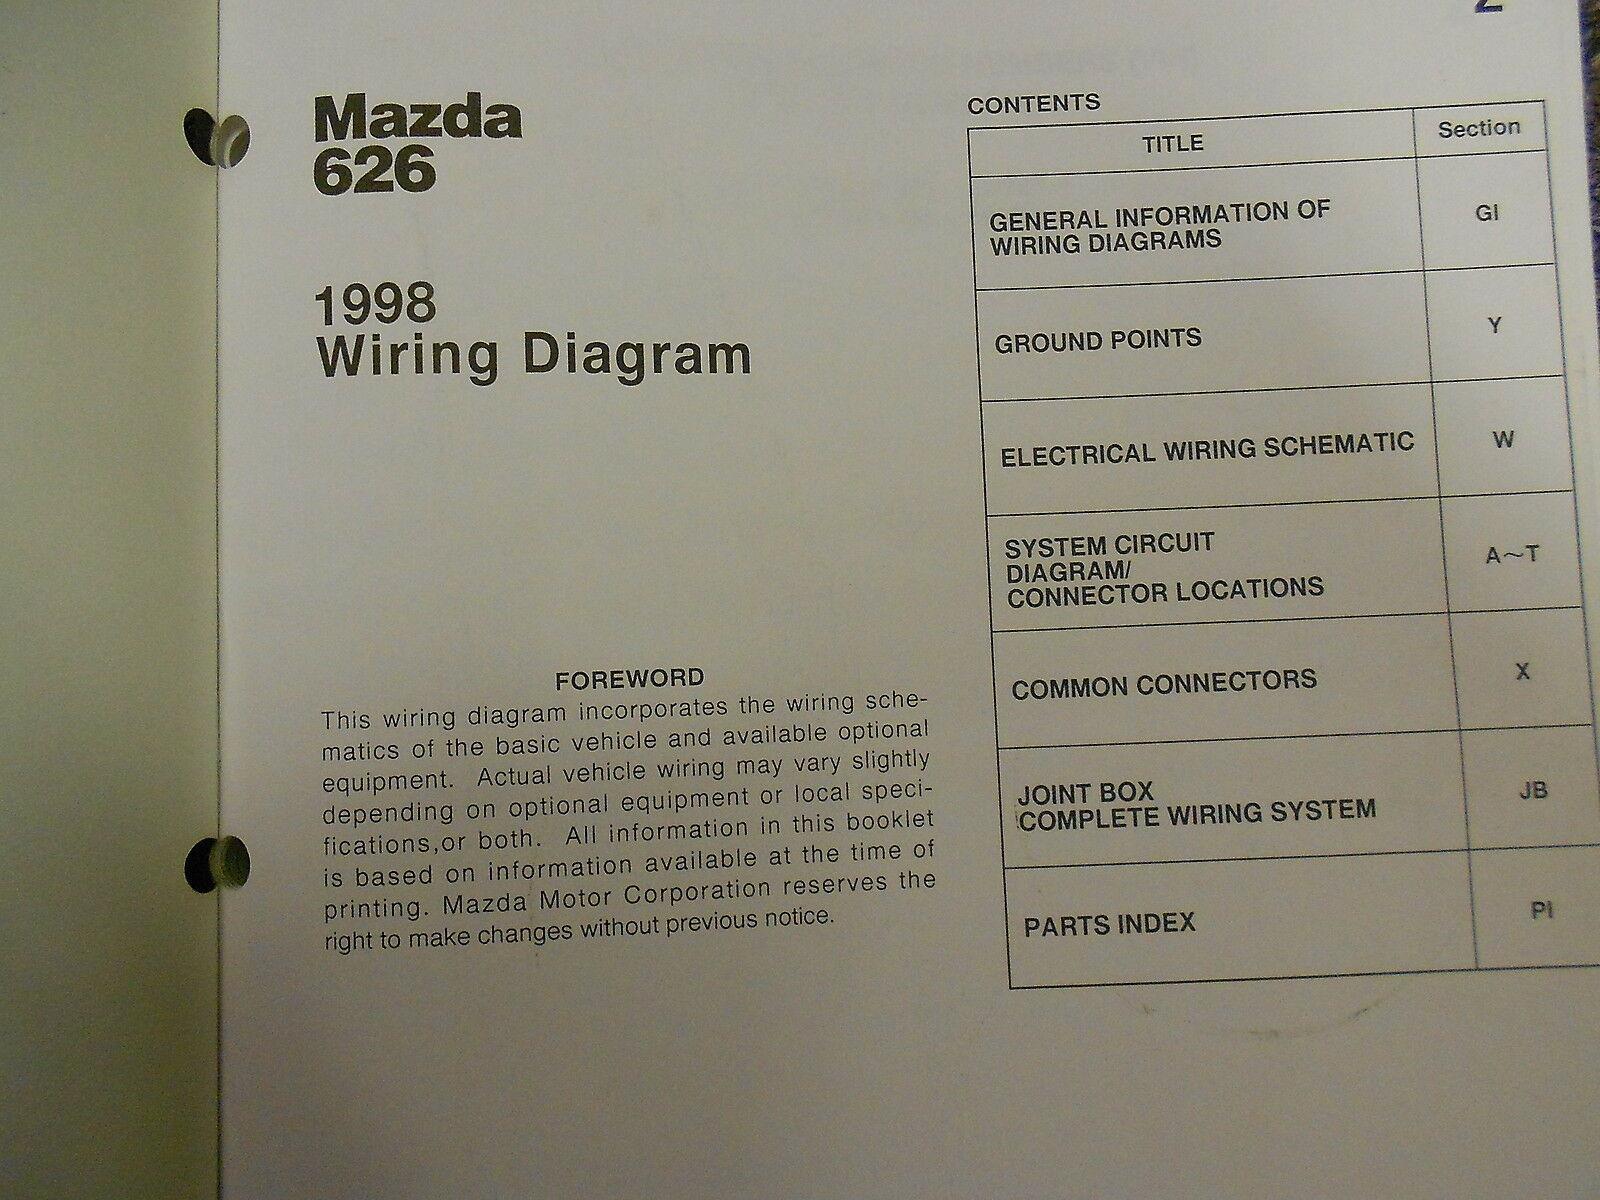 1998 Mazda 626 Elektrisch Wiring Service Reparatur Shop Manuell Fabrik OEM